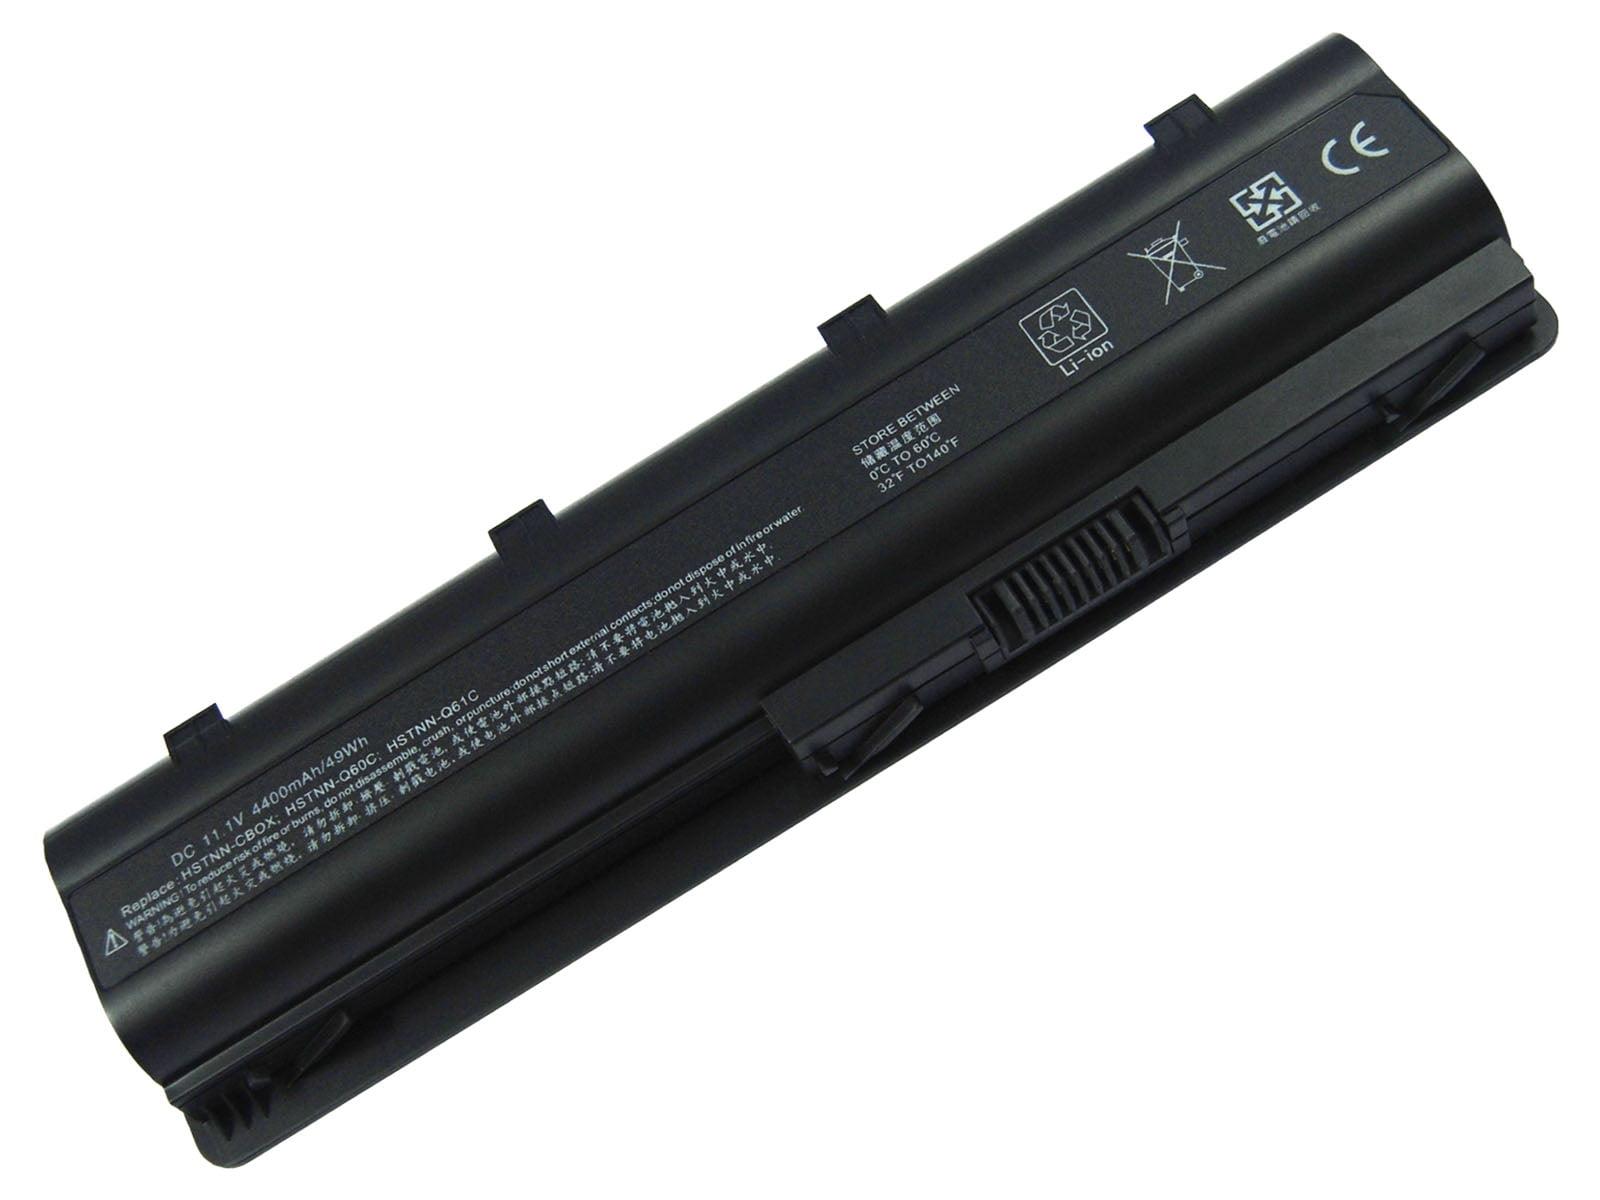 Superb Choice - Batterie pour HP Pavilion dv5-2134ca